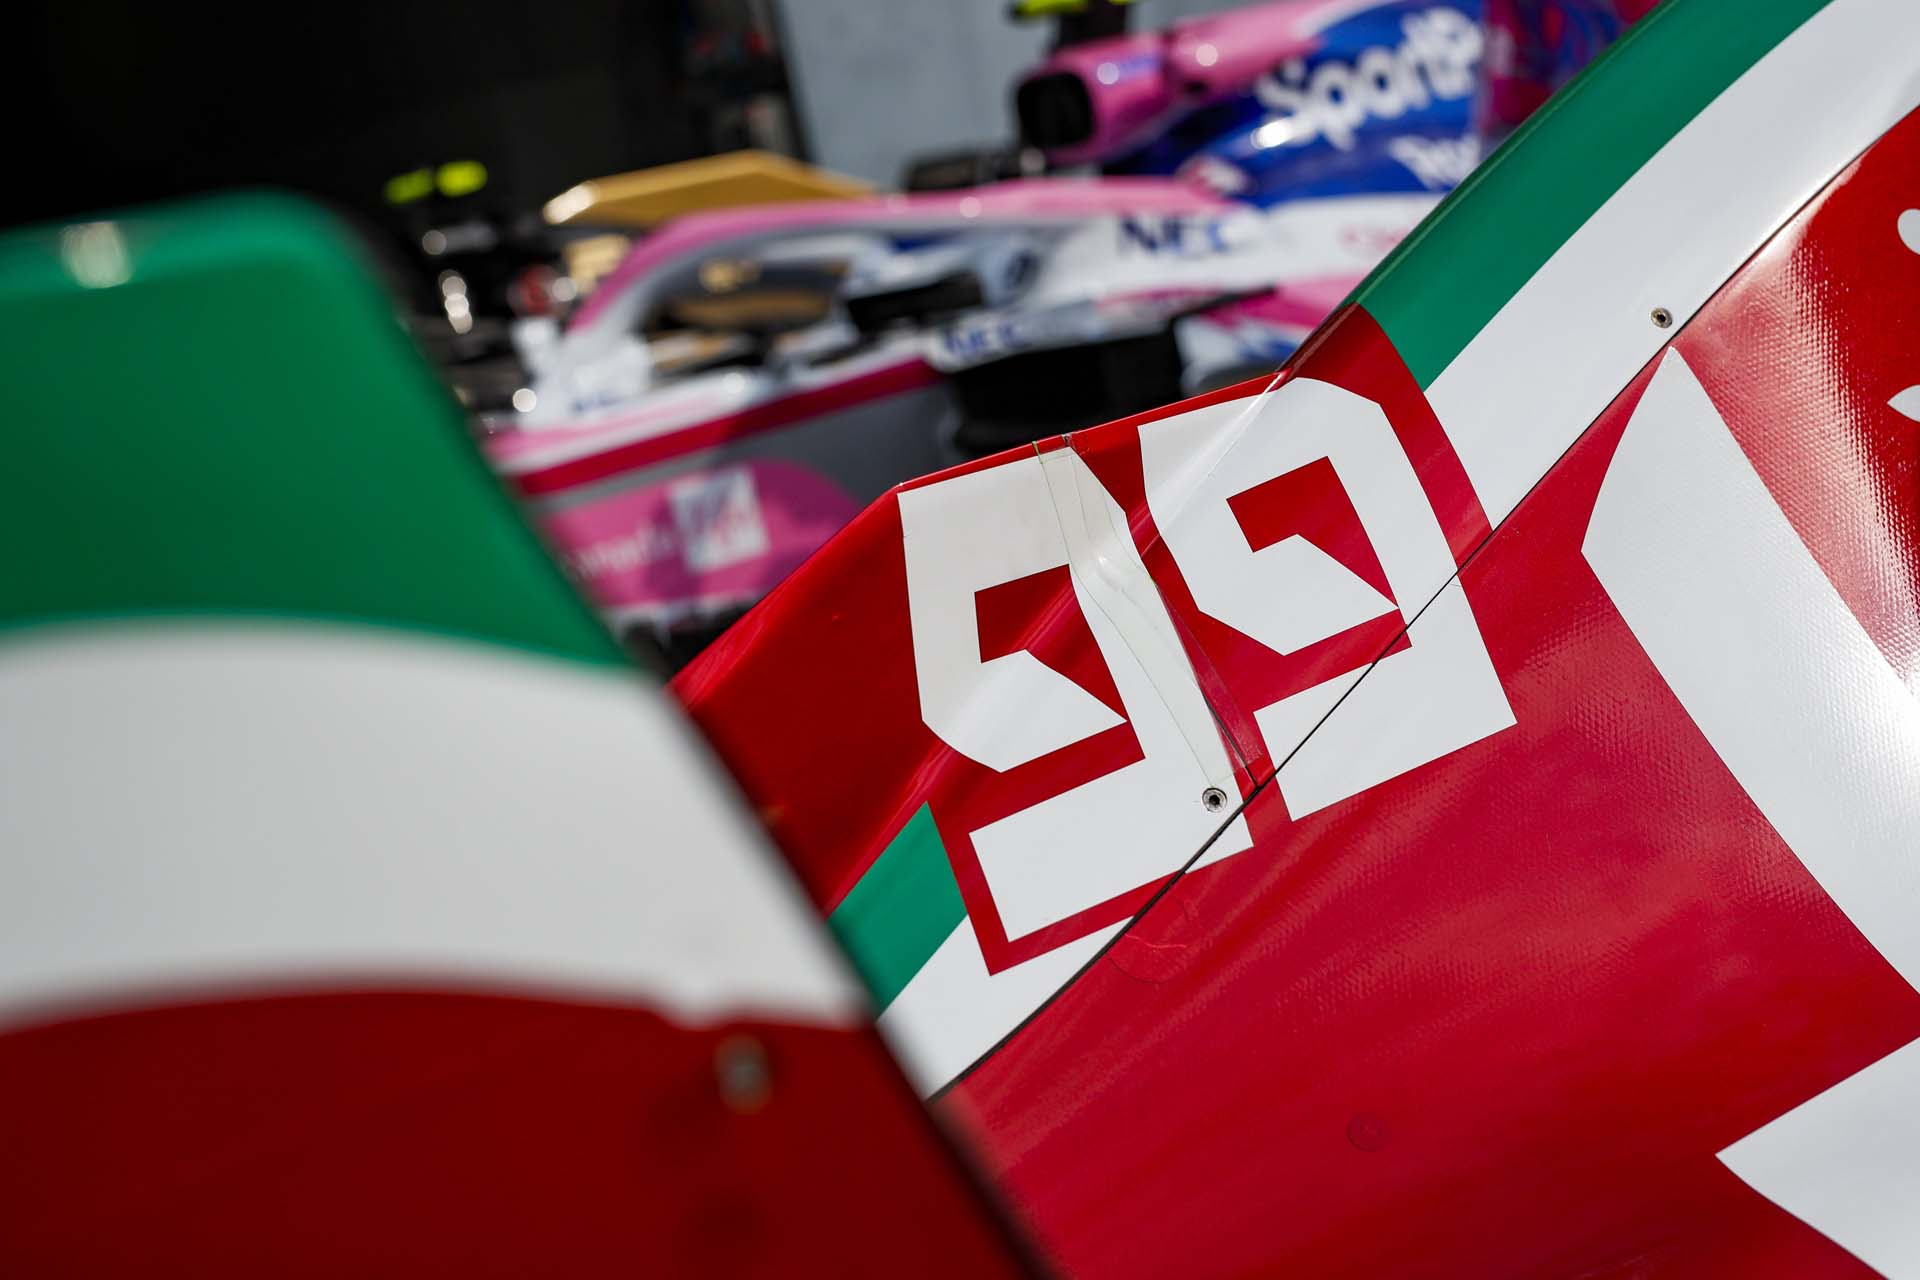 F1 - ITALY GRAND PRIX 2019